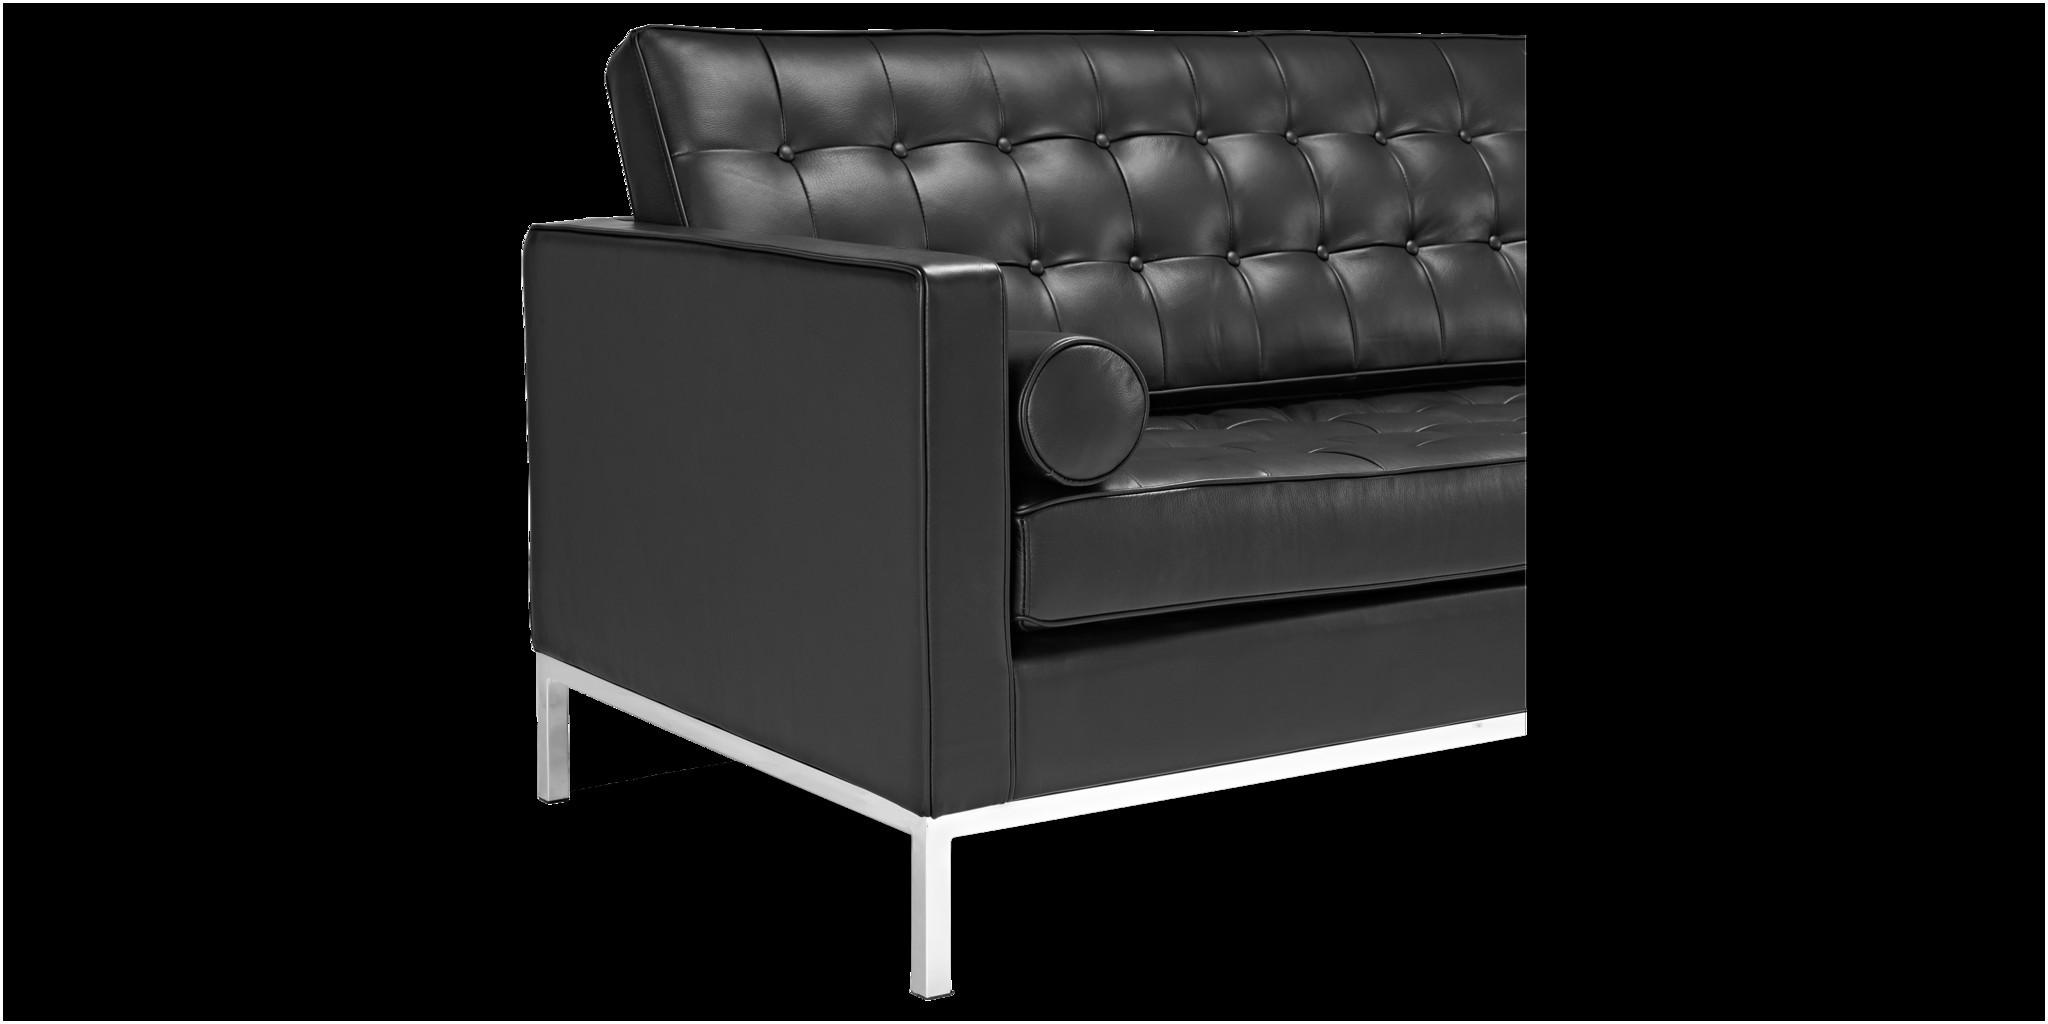 Mehrzahl Sofa  Mehrzahl Von sofa Seats and sofas Line Bestellen – Schtimm